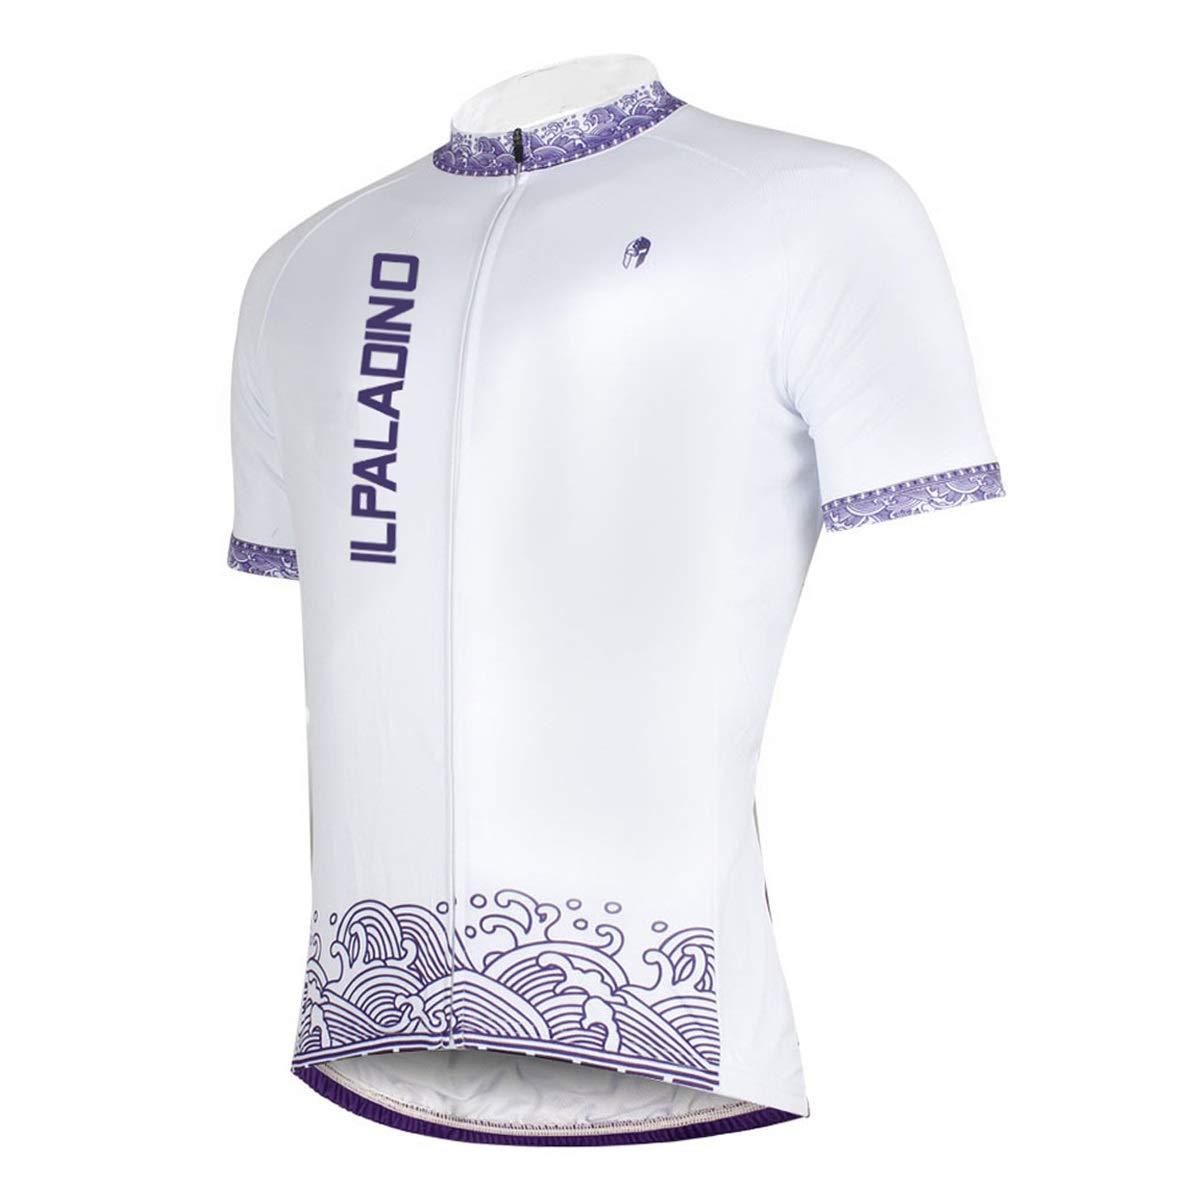 Fahrrad Reitanzug Explosive Line Sport Wave Reitanzüge Own Brand Herren Kurzarmhemd Fahrradtrikot LPLHJD